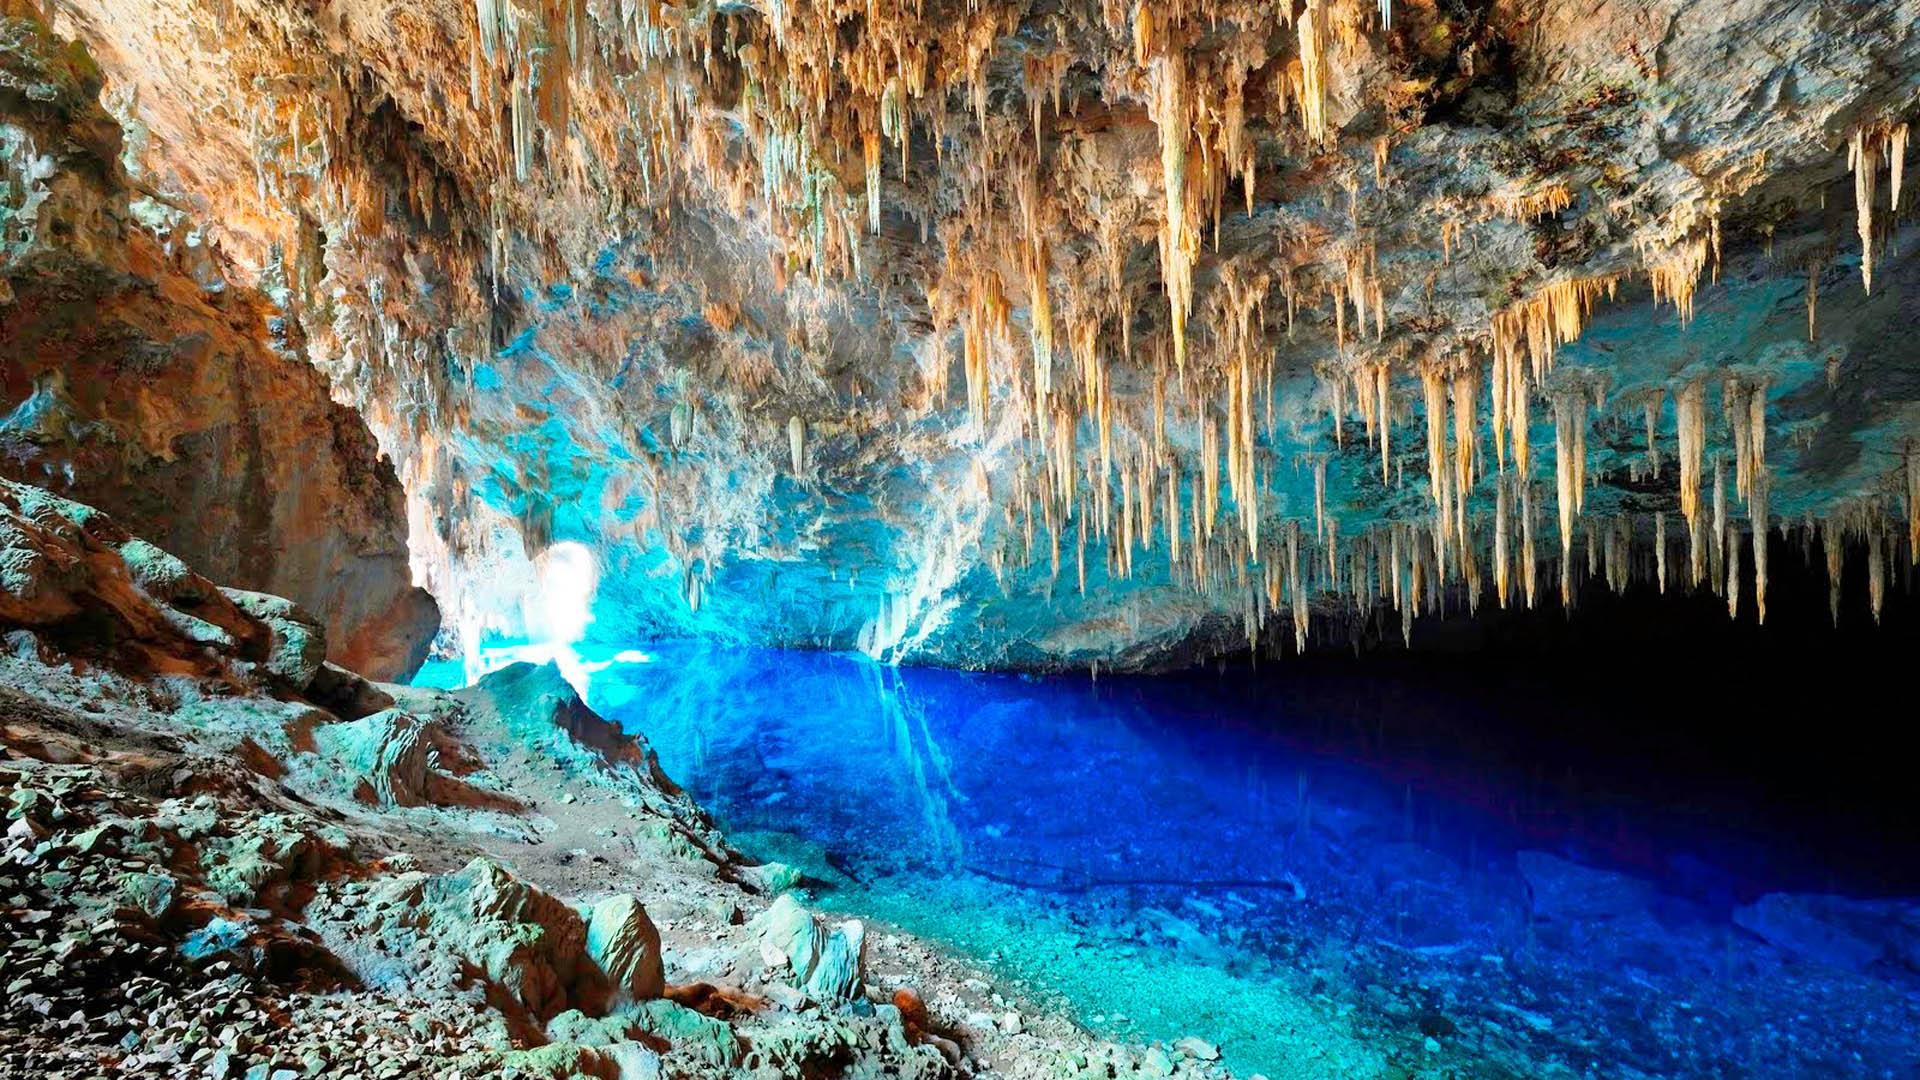 bonito-gruta-do-lago-azul - site